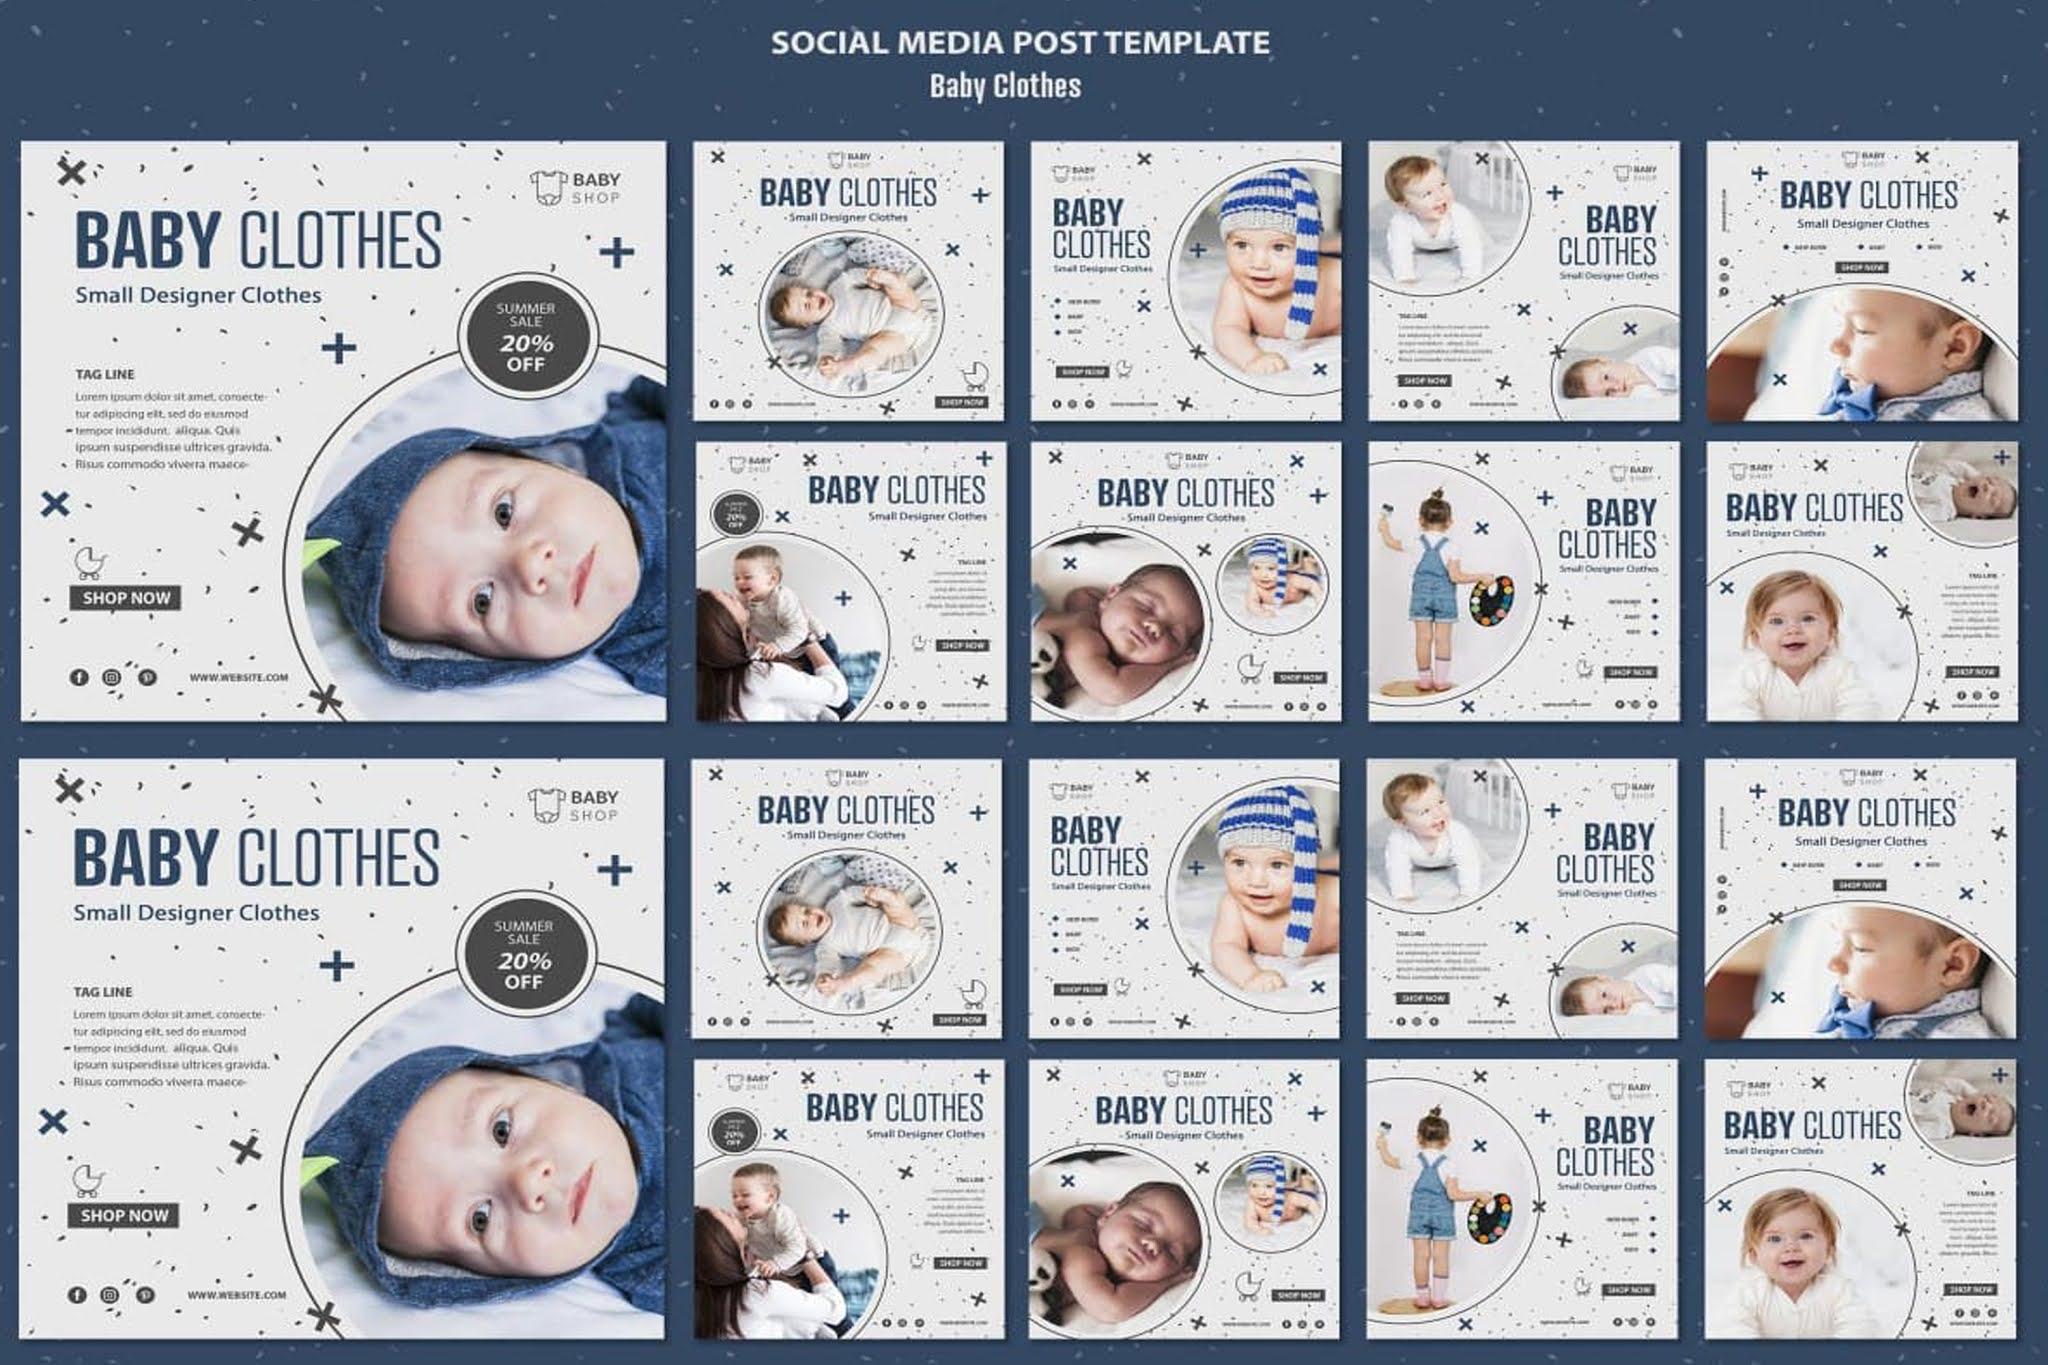 مجموعة بنرات دعائية مفتوحة المصدر لبيع منتاجات الاطفال تصاميم احترافية